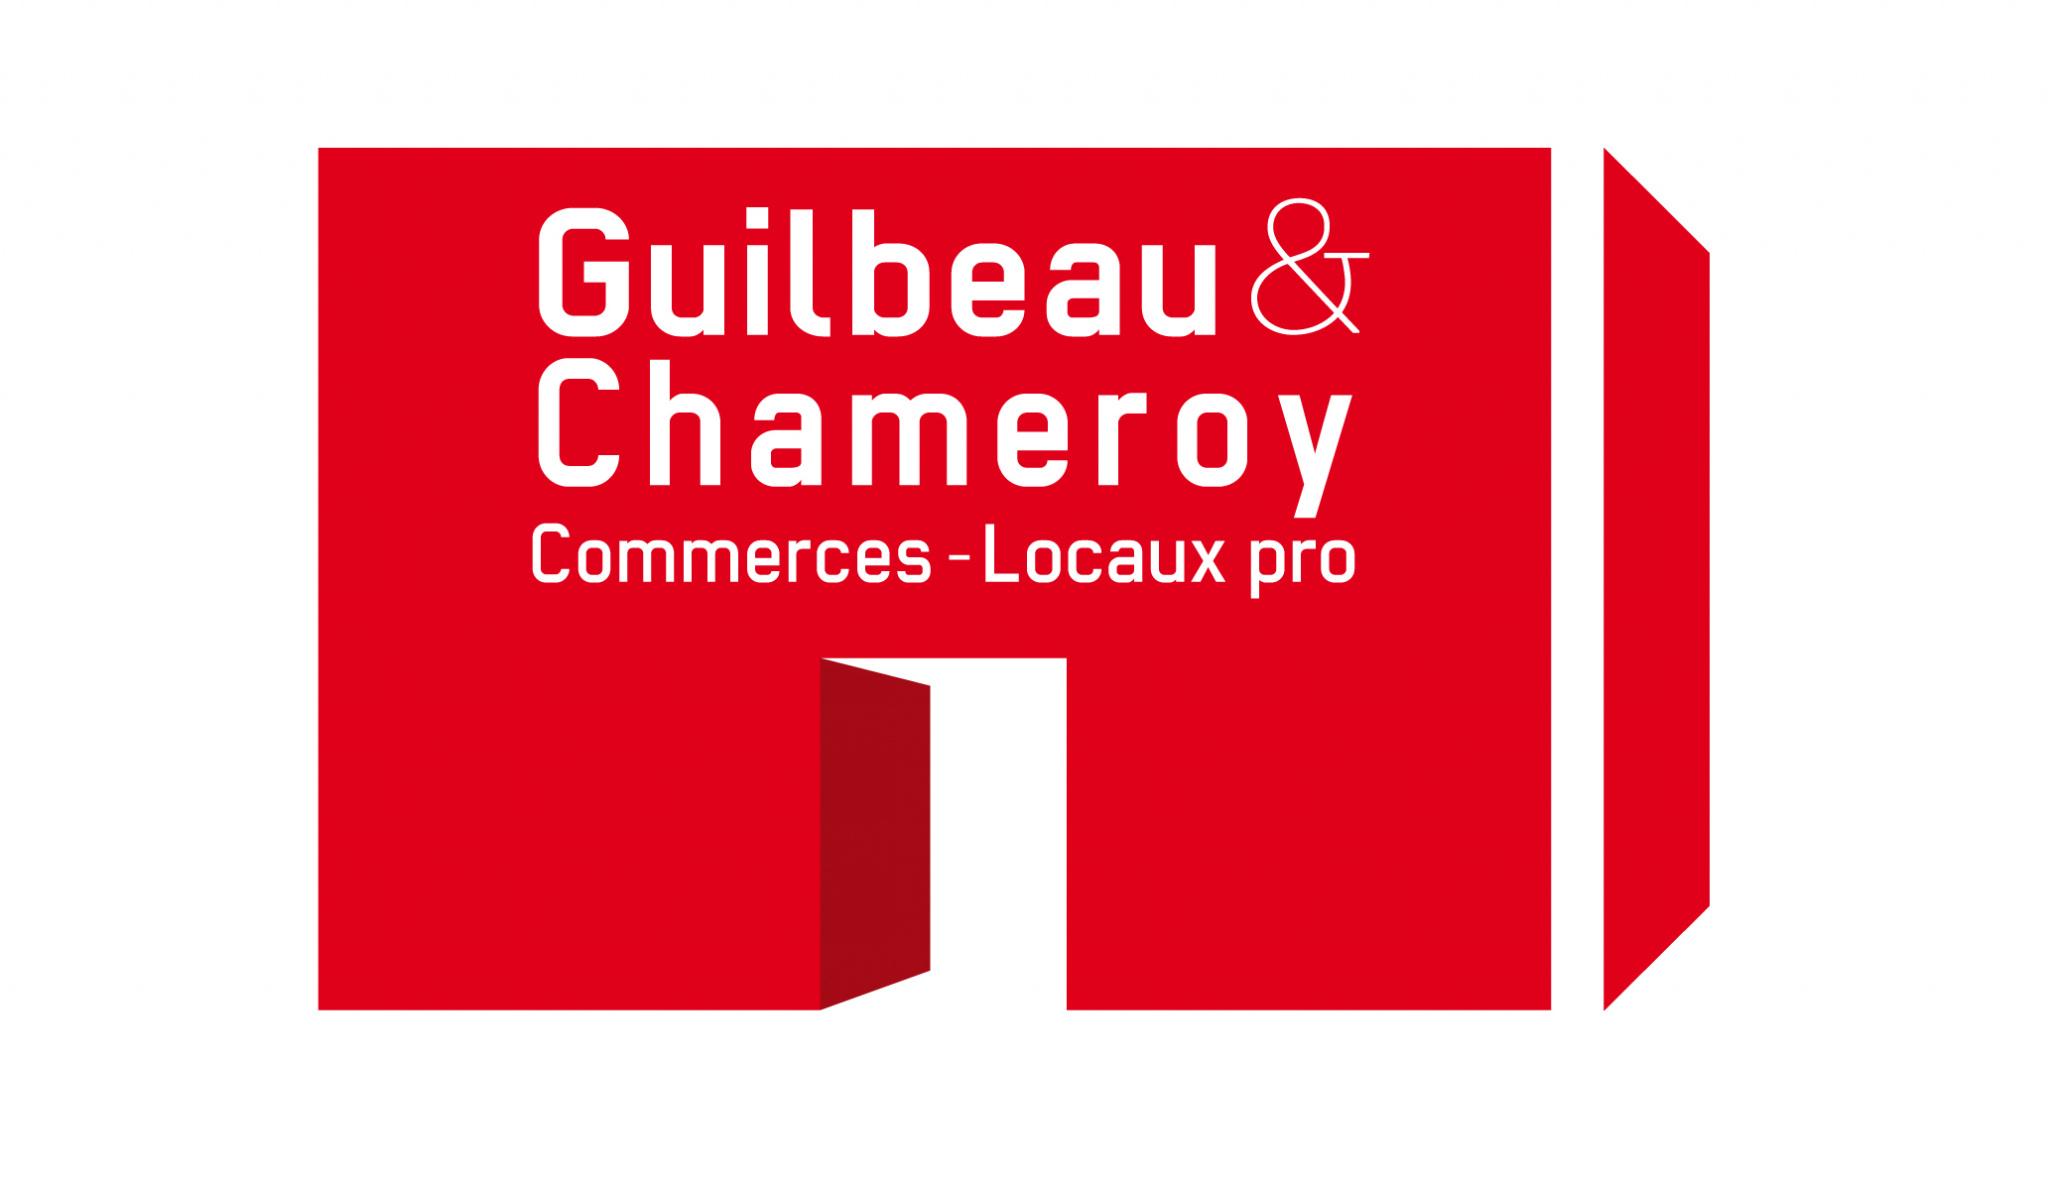 DROIT AU BAIL 50 M² À CÉDER ANGERS - Bureau Local Entrepôt